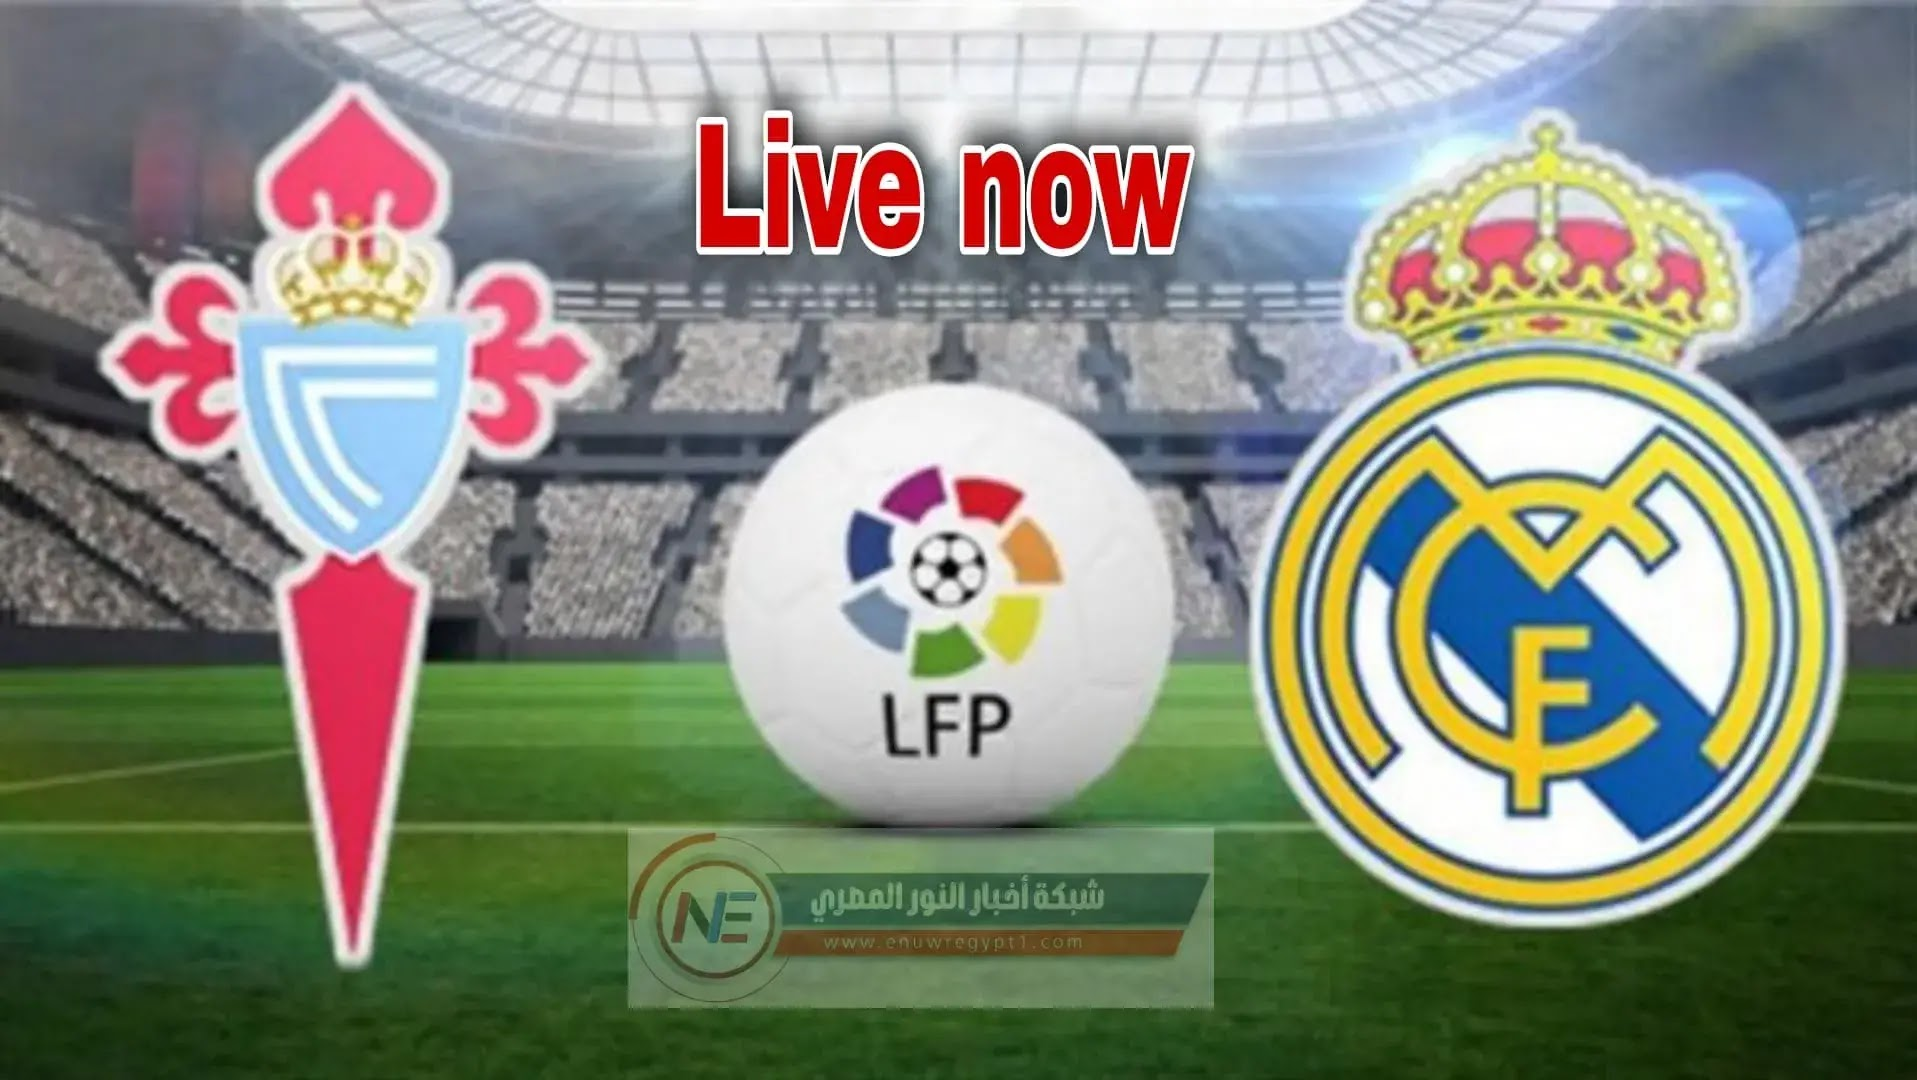 يلا شوت حصري الجديد HD | بث مباشر الان مشاهدة مباراة ريال مدريد و سيلتا فيجو في الدورى الاسباني لايف بجودة عالية